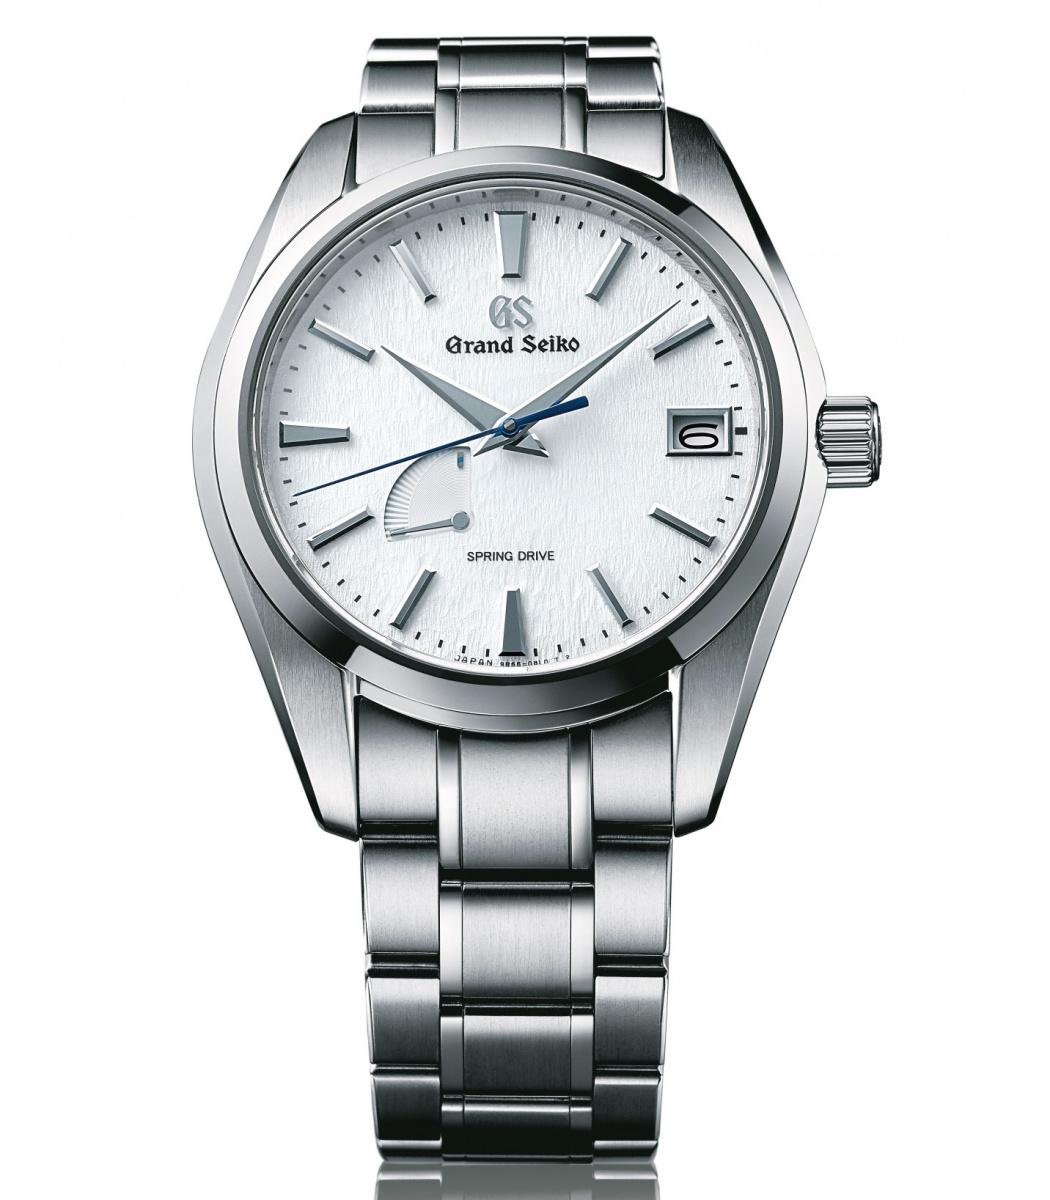 ミラノを沸かせた腕時計×アートの競演が再び! 東京・原宿で公開される、「グランドセイコー」のインスタレーションに注目。